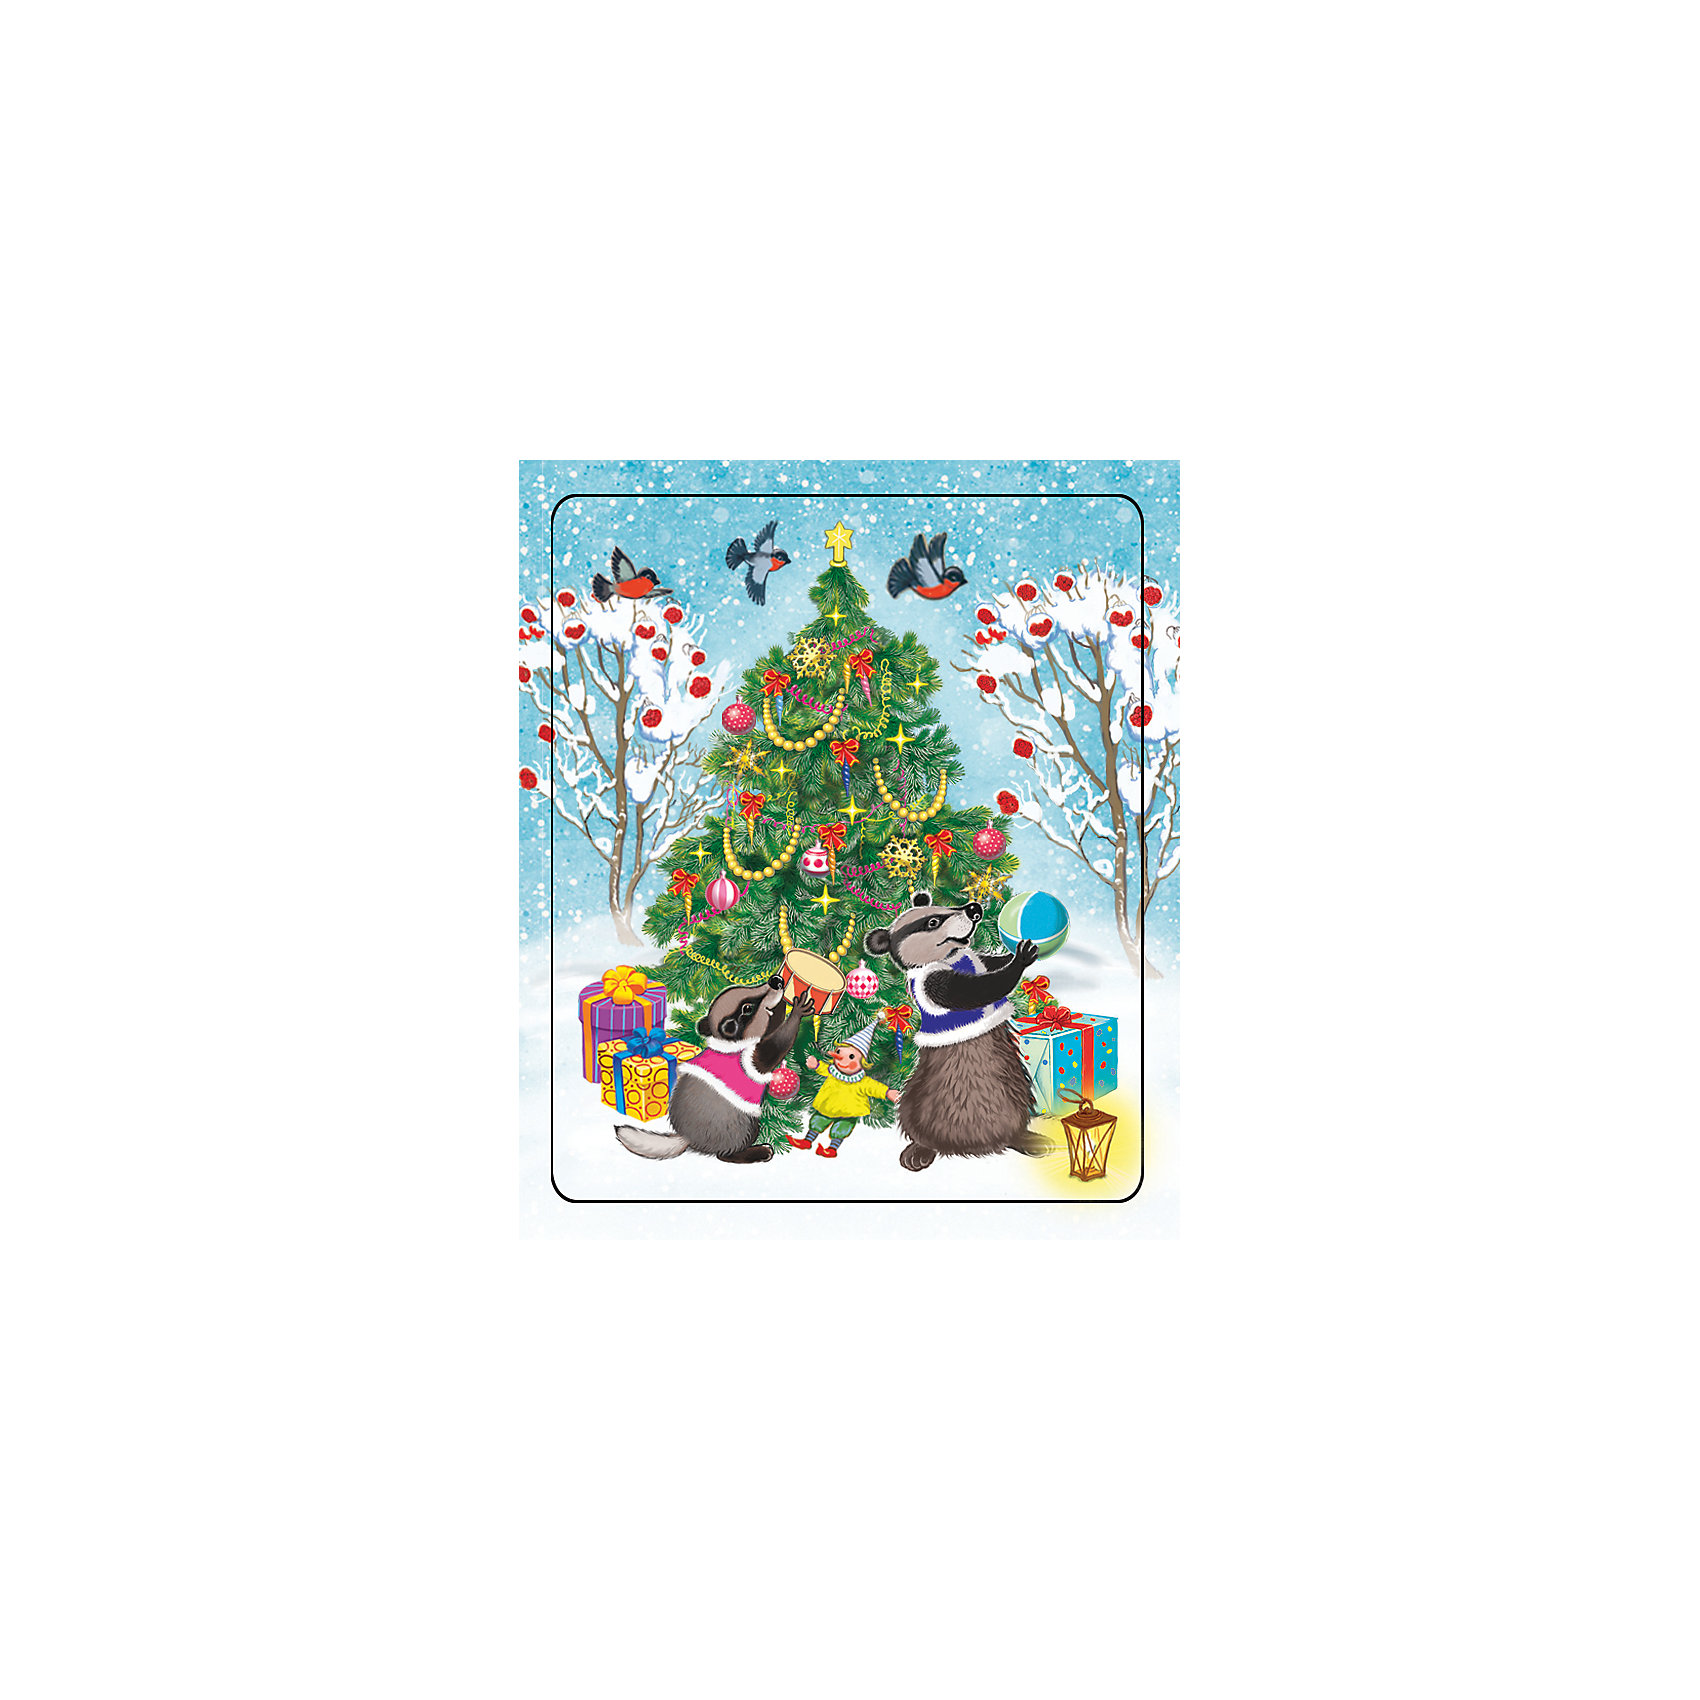 Магнит Еноты и елкаМагнит Еноты и елка - впустите атмосферу зимы и праздников в ваш дом! С этим подарочным магнитом так весело наряжать дом и радовать близких. Небольшой прямоугольный магнитик с закругленными углами смотрится как полноценная небольшая картинка. На магните изображена большая ёлочка в лесу, которую наряжают веселые еноты в праздничных жилетках. На магните также изображена ажурная надпись «С Новым Годом». Устройте сюрприз вашим близким!<br>Дополнительная информация:<br><br>- Размер: 5 * 6 см.<br>- Материал: агломеррированный феррит<br>Магнит Еноты и елка можно купить в нашем интернет-магазине.<br>Подробнее:<br>• Для детей в возрасте: от 3 лет<br>• Номер товара: 4981495<br>Страна производитель: Китай<br><br>Ширина мм: 100<br>Глубина мм: 100<br>Высота мм: 10<br>Вес г: 150<br>Возраст от месяцев: 36<br>Возраст до месяцев: 2147483647<br>Пол: Унисекс<br>Возраст: Детский<br>SKU: 4981495